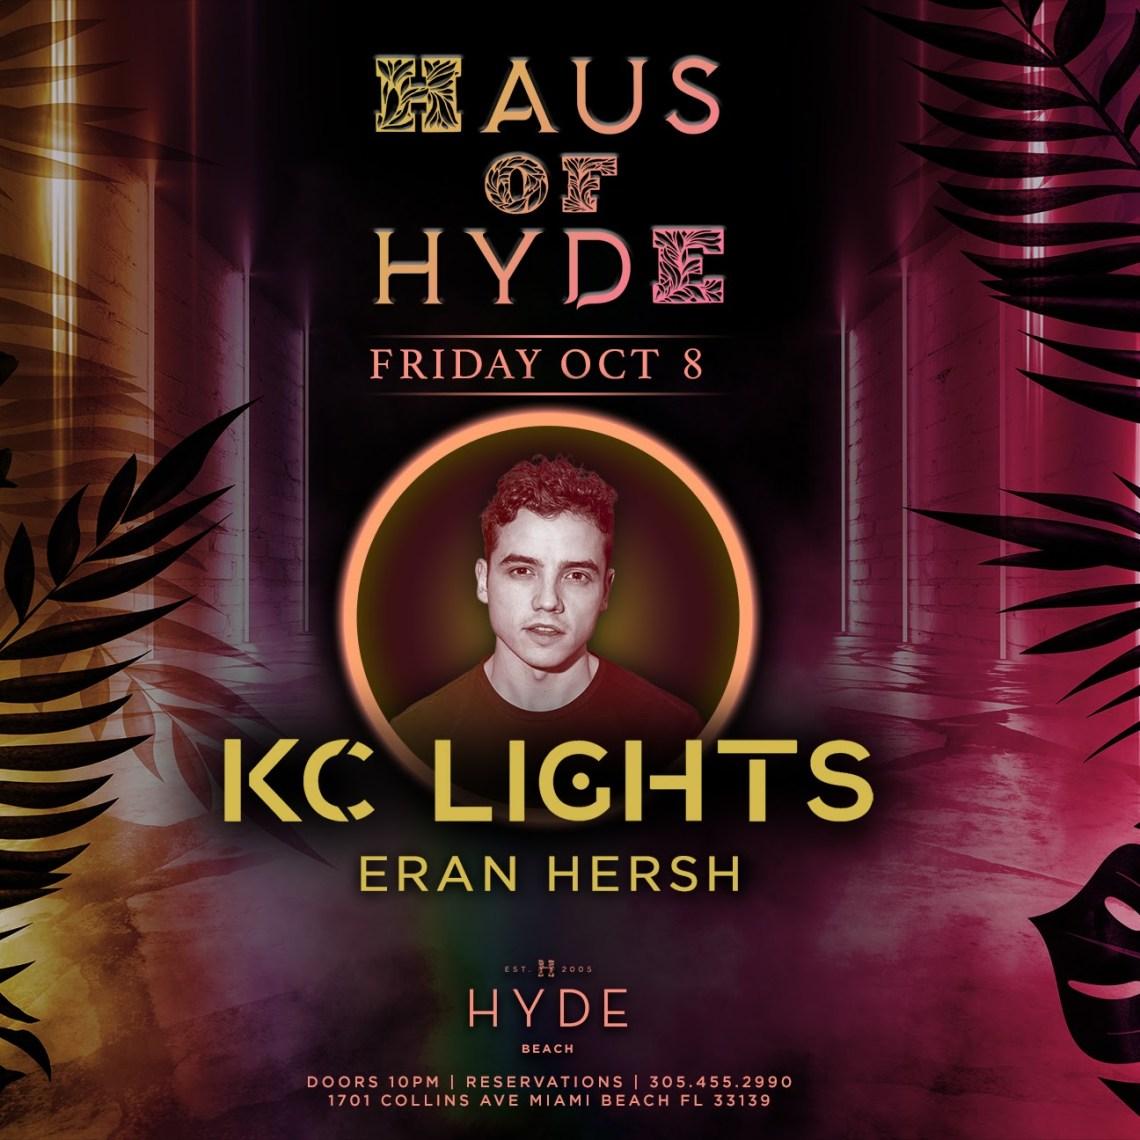 HAUS of HYDE at SLS South Beach Hyde Beach - KC LIGHTS AND Eran Hersh